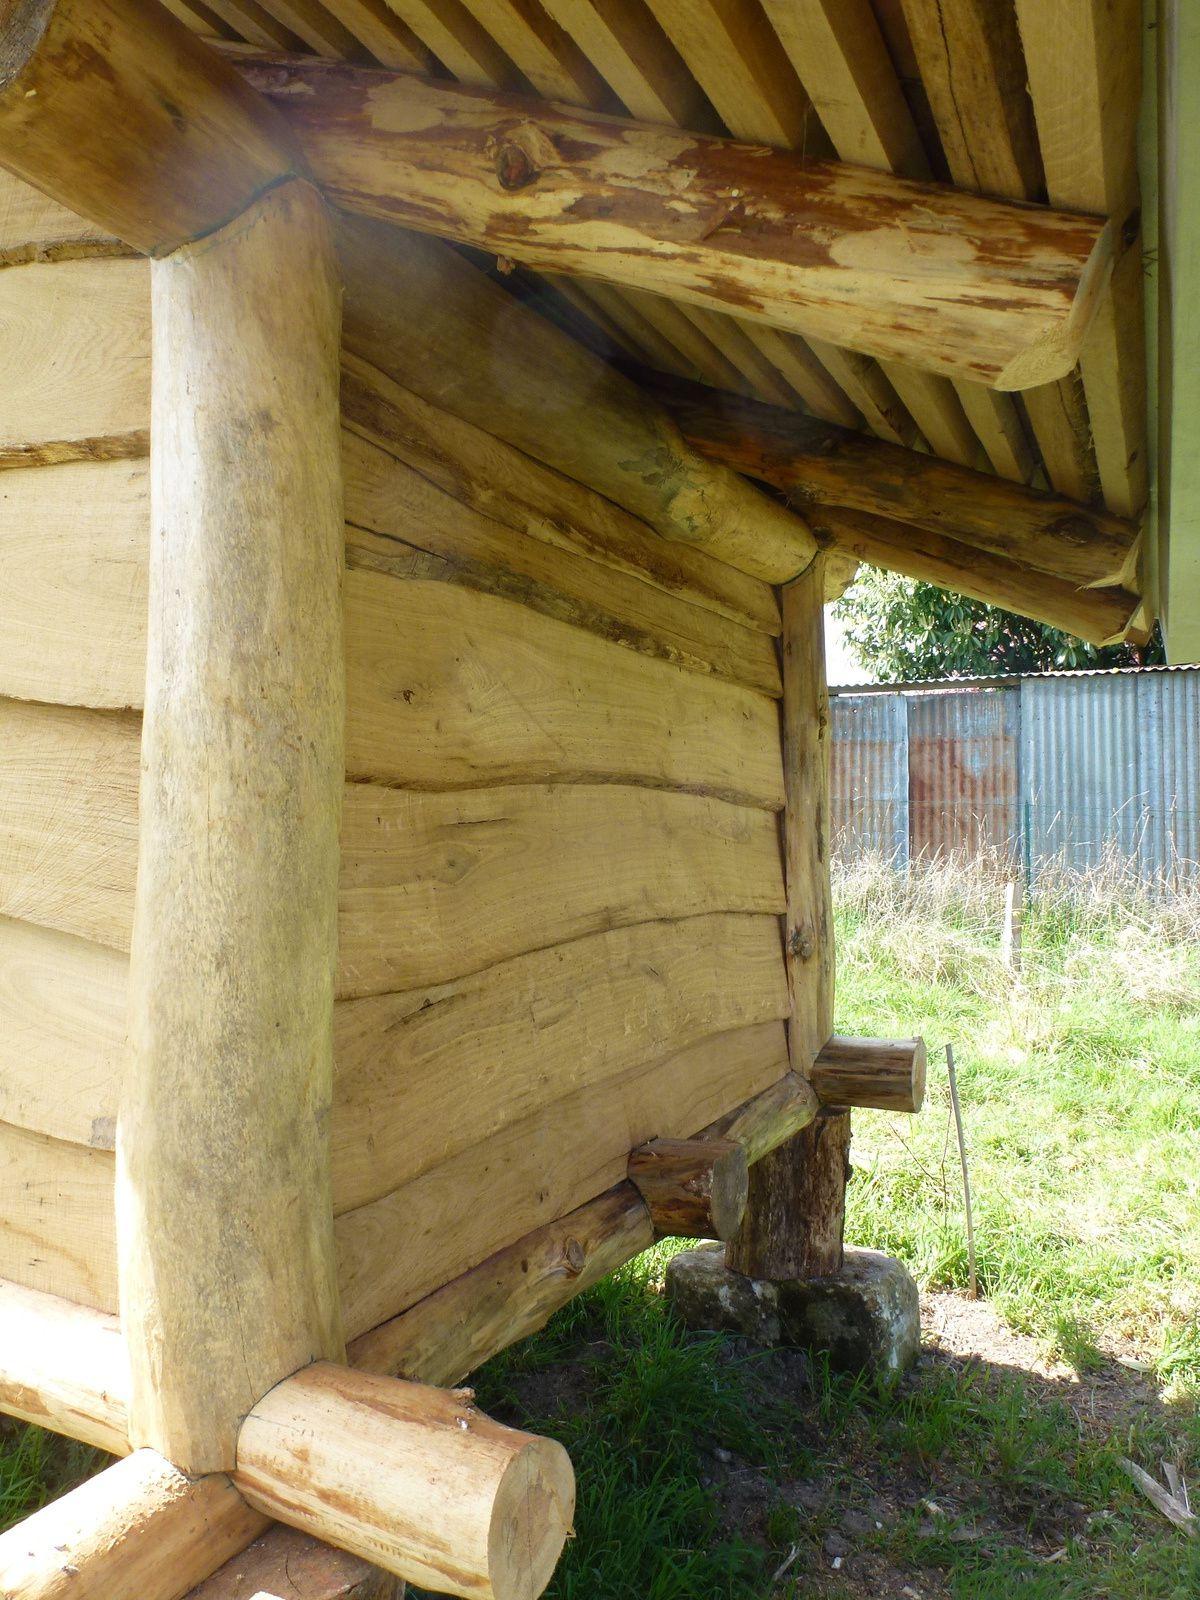 Débord de toit côté nord : une zone fraiche pour les siestes des poules cet été!